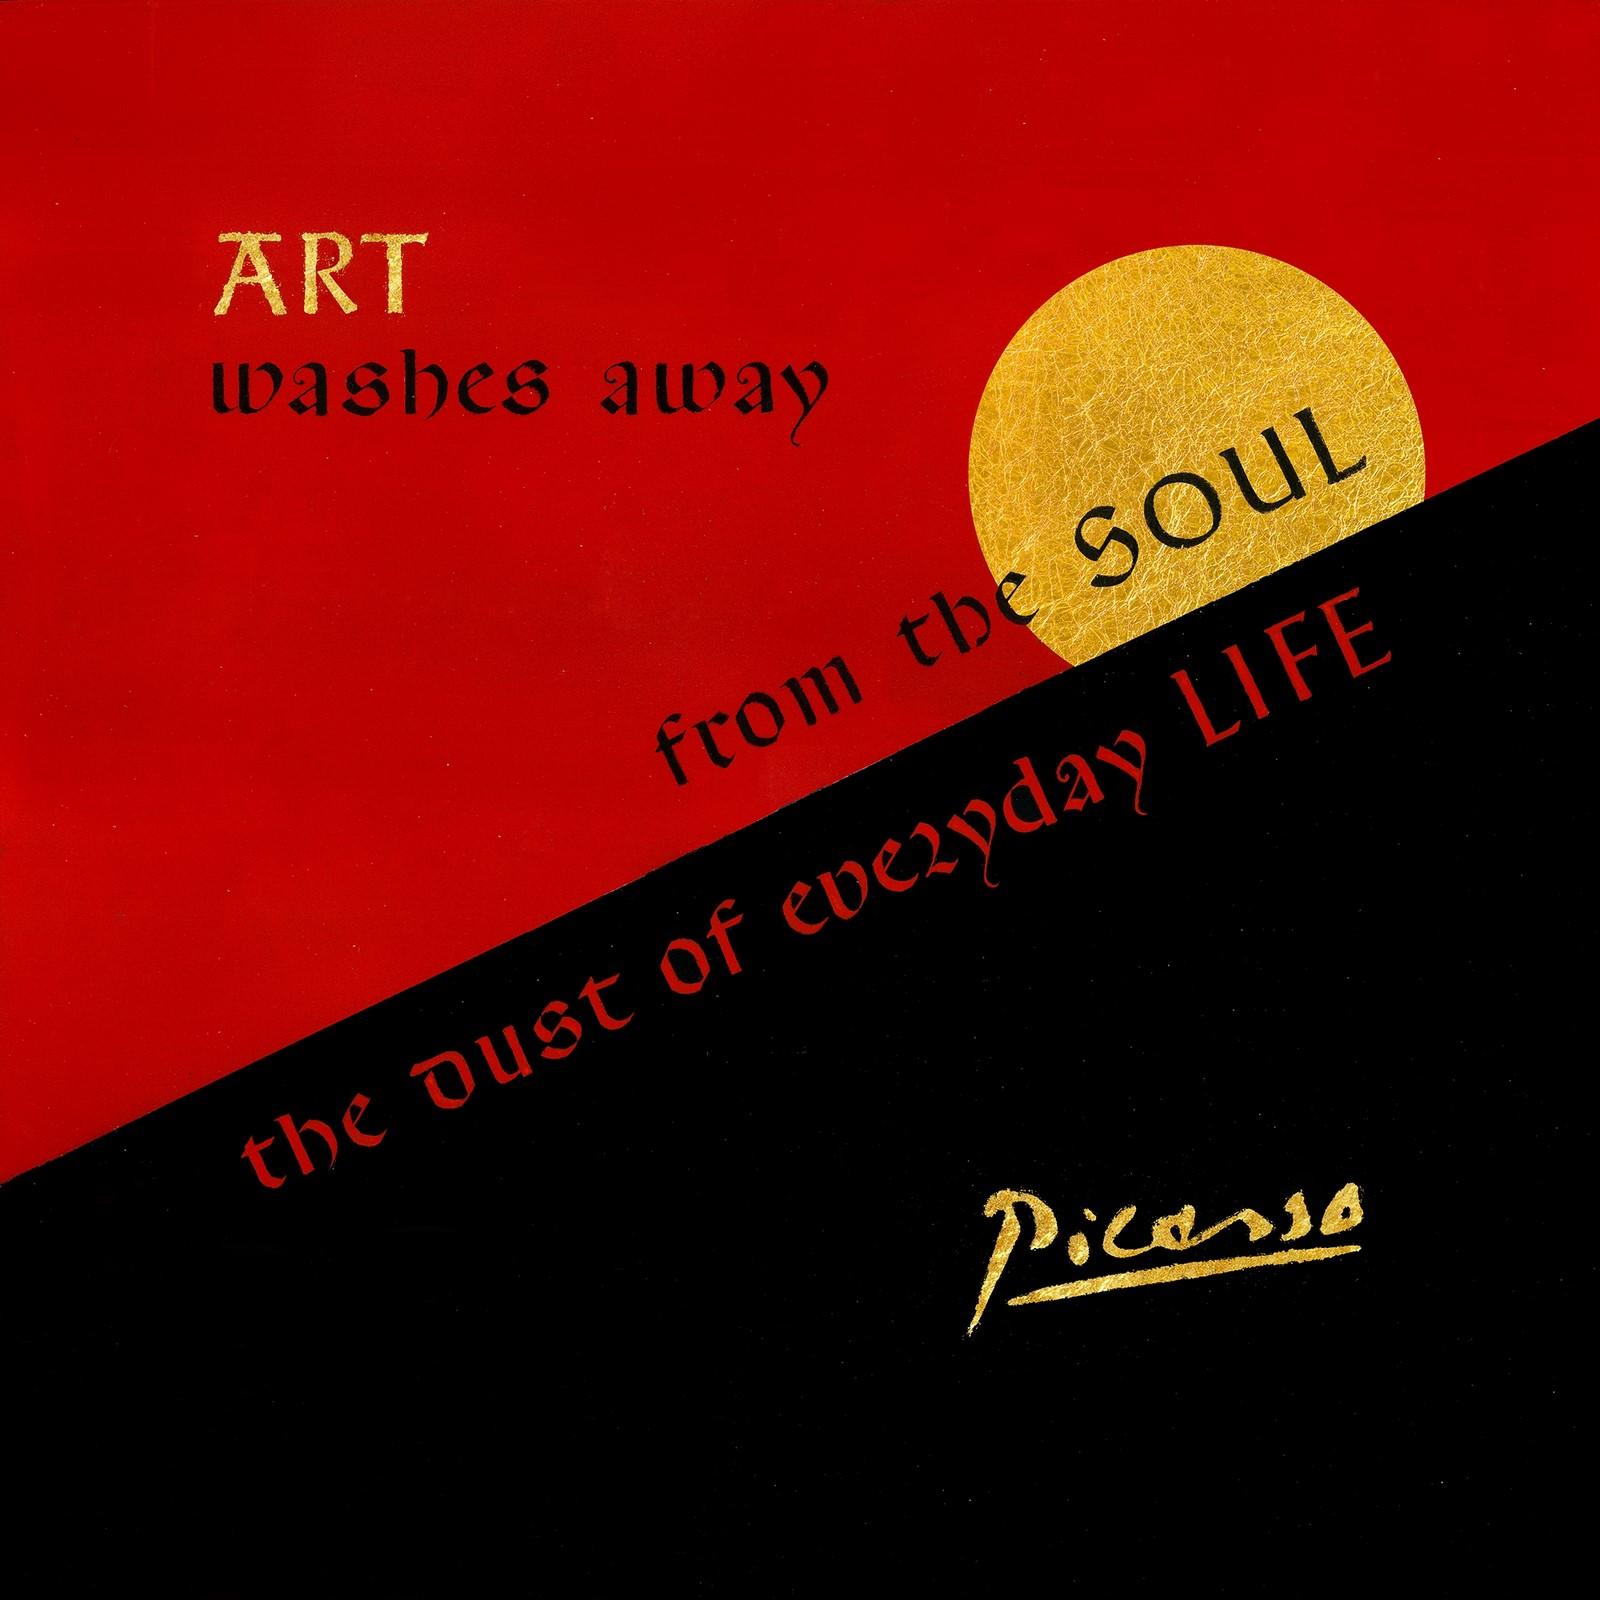 <p>'ART & SOUL', Karışık (Kağıt Üzerine Akrilik, Guaj ve Altın Varak), 65 x 65 cm, 2020.<br /><em>'ART & SOUL', Mixed (Acrylic, Gouache and Gold Leaf on Paper), 65 x 65 cm, 2020.</em></p>